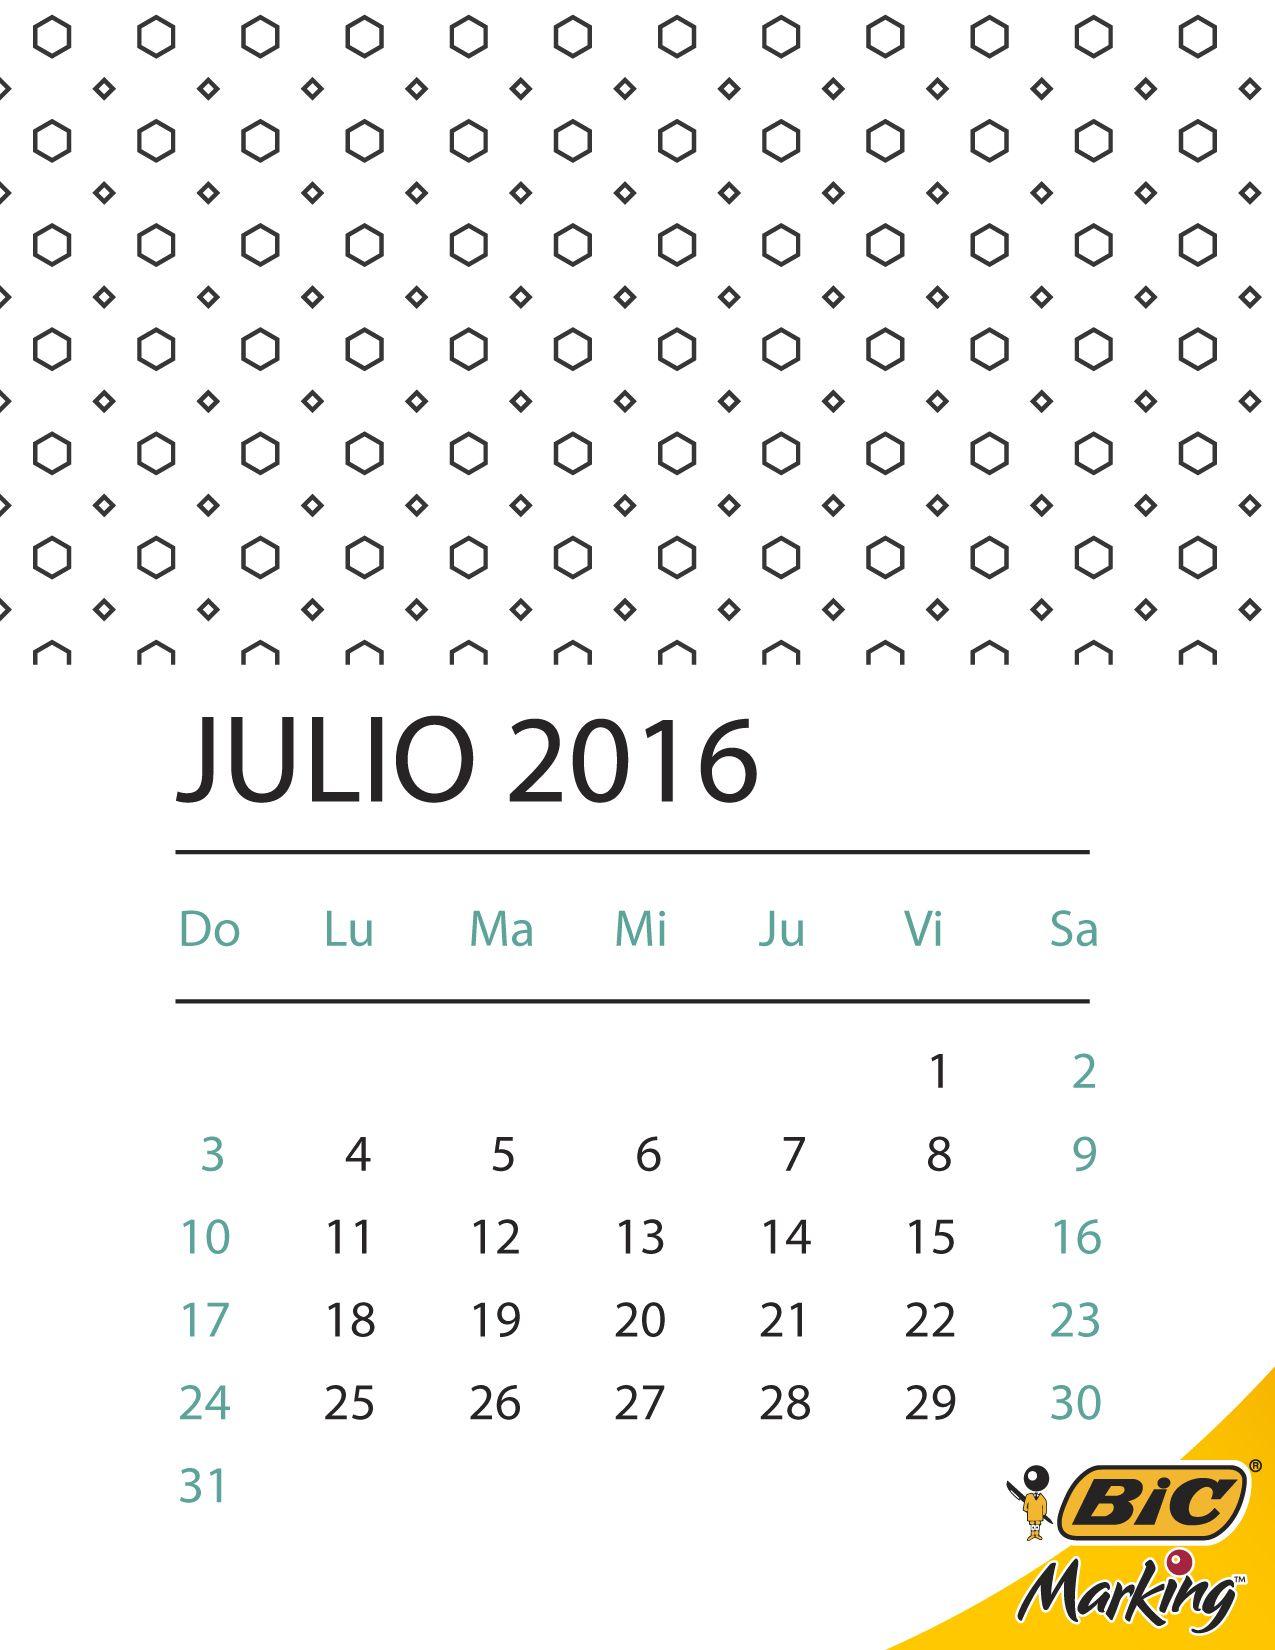 ¡Descarga el Calendario 2016 BIC completo y llena el año de color! http://bit.ly/1YQ0kNg